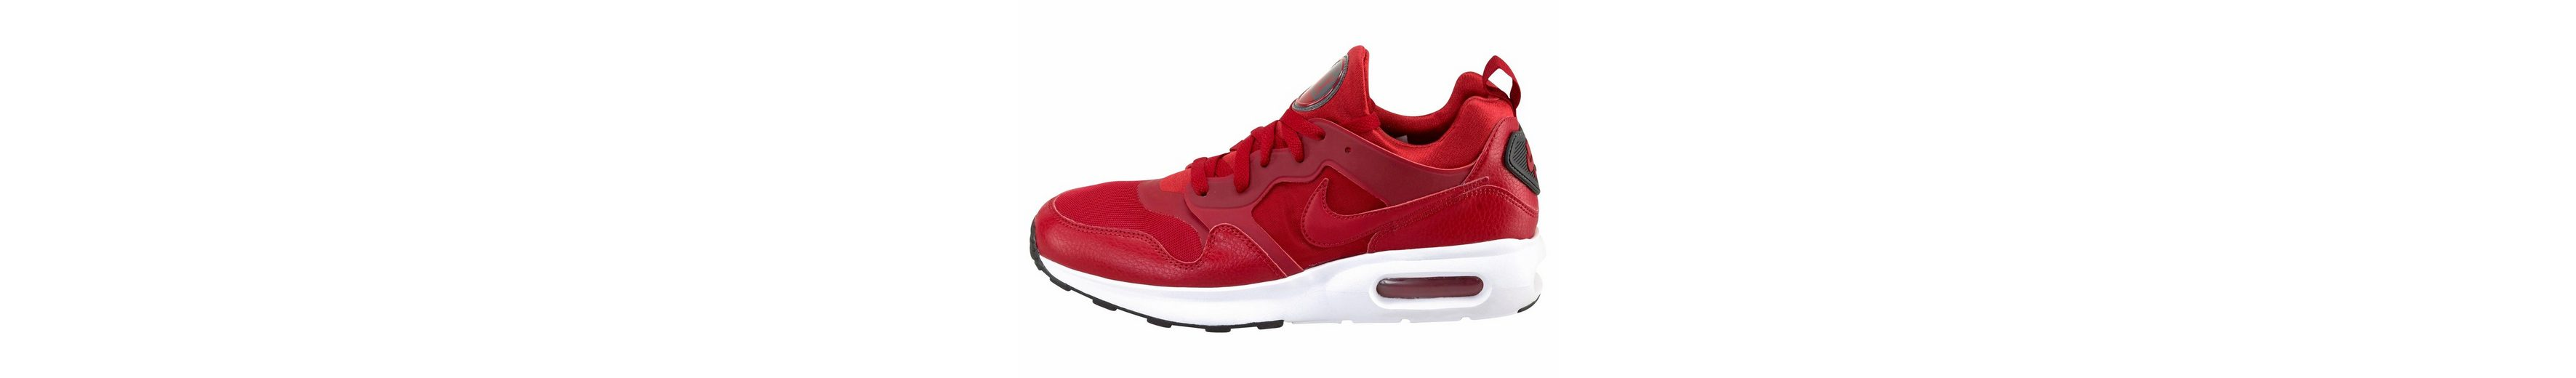 Nike Sportswear AIR MAX PRIME Sneaker Footaction Günstiger Preis J74nXPgr